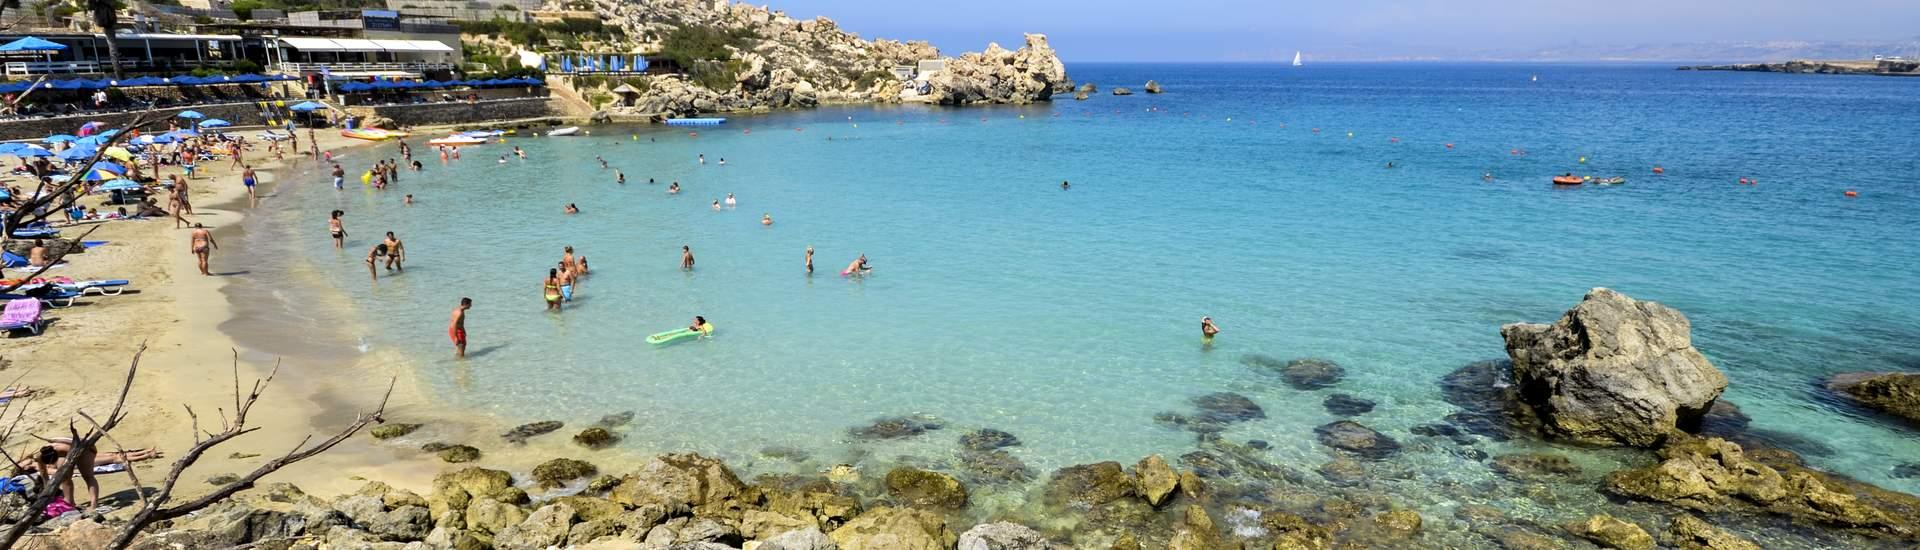 Sprachreise Familie Malta Englisch Lernen 20 Jahre Easy Sprachreisen